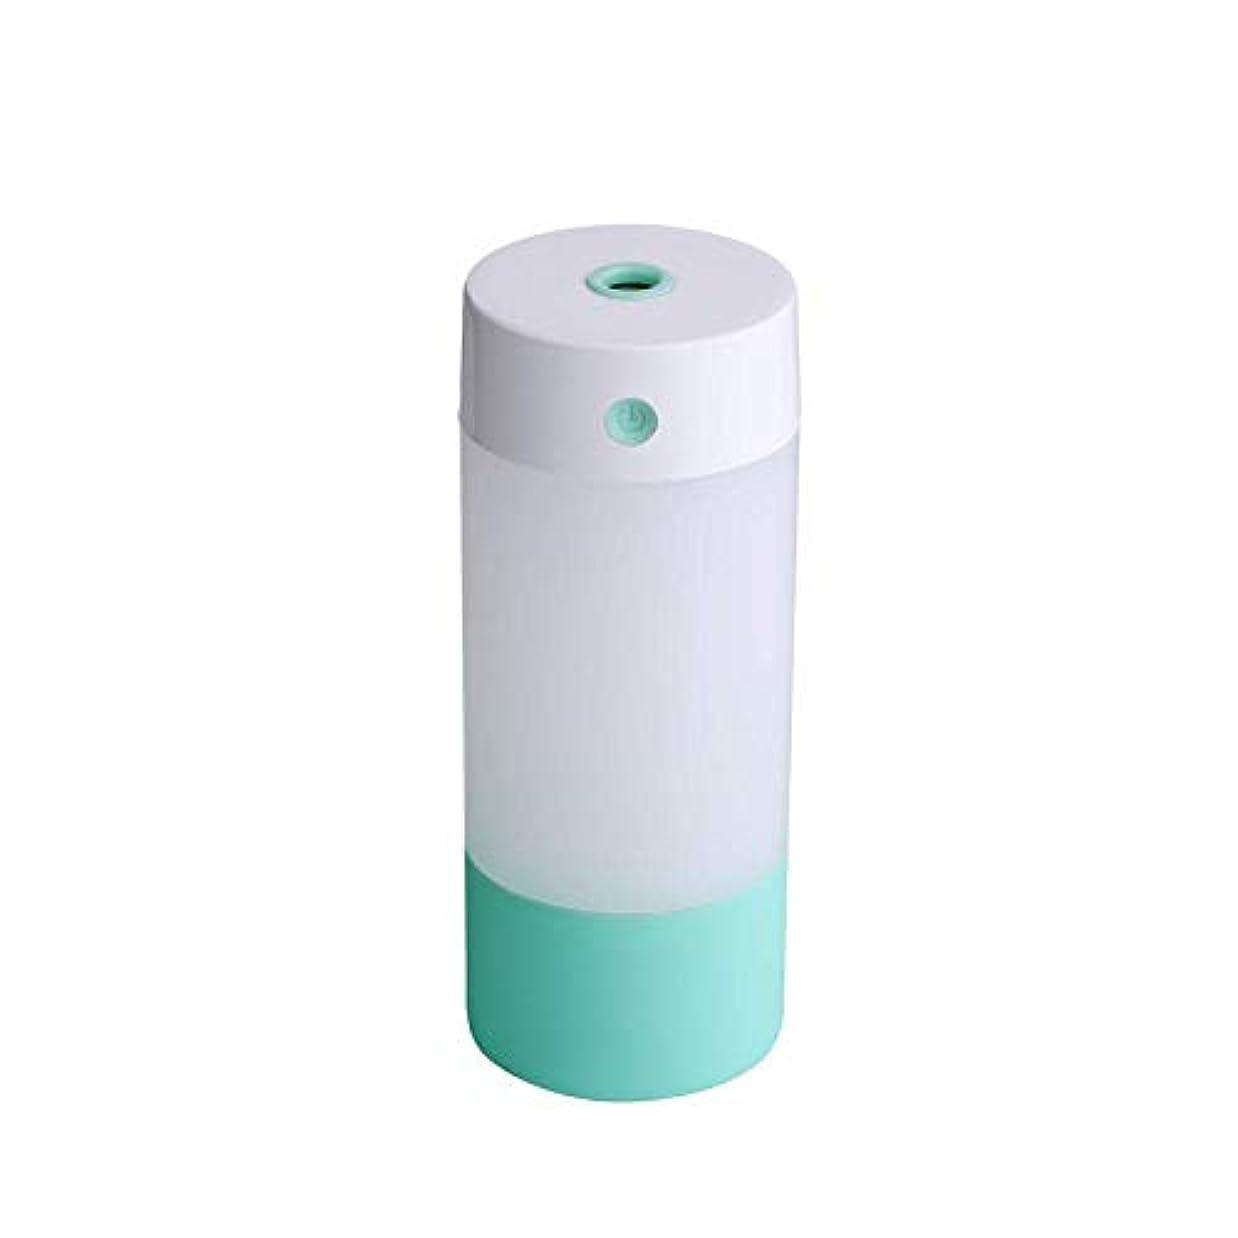 激怒典型的な汚れるSOTCE アロマディフューザー加湿器超音波霧化技術のライトカー満足のいく解決策連続霧モード湿潤環境 (Color : Green)